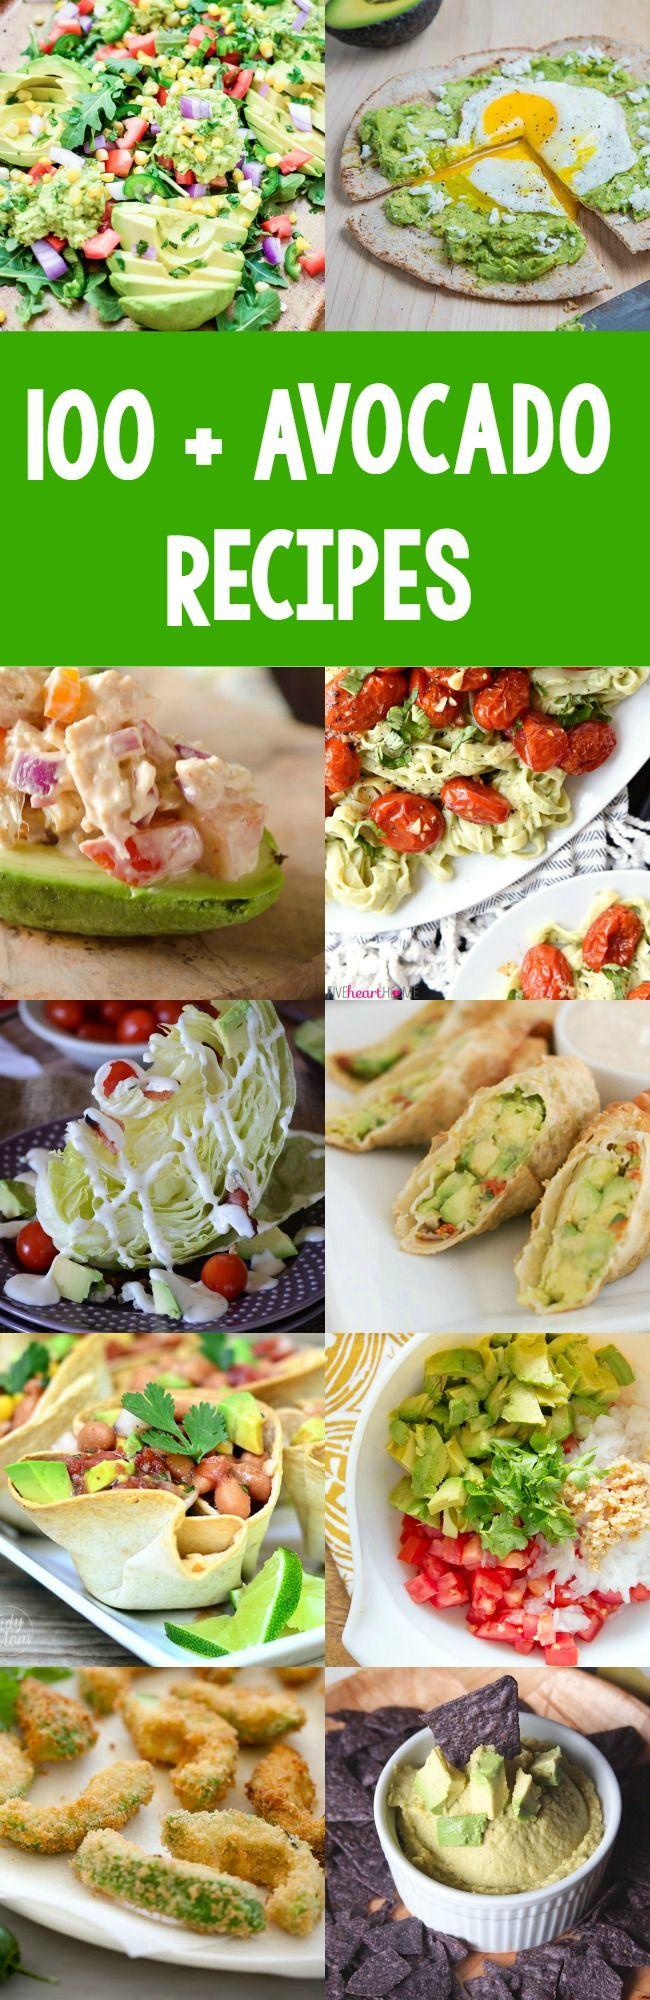 100 avocado recipes!  So many new recipes to try!